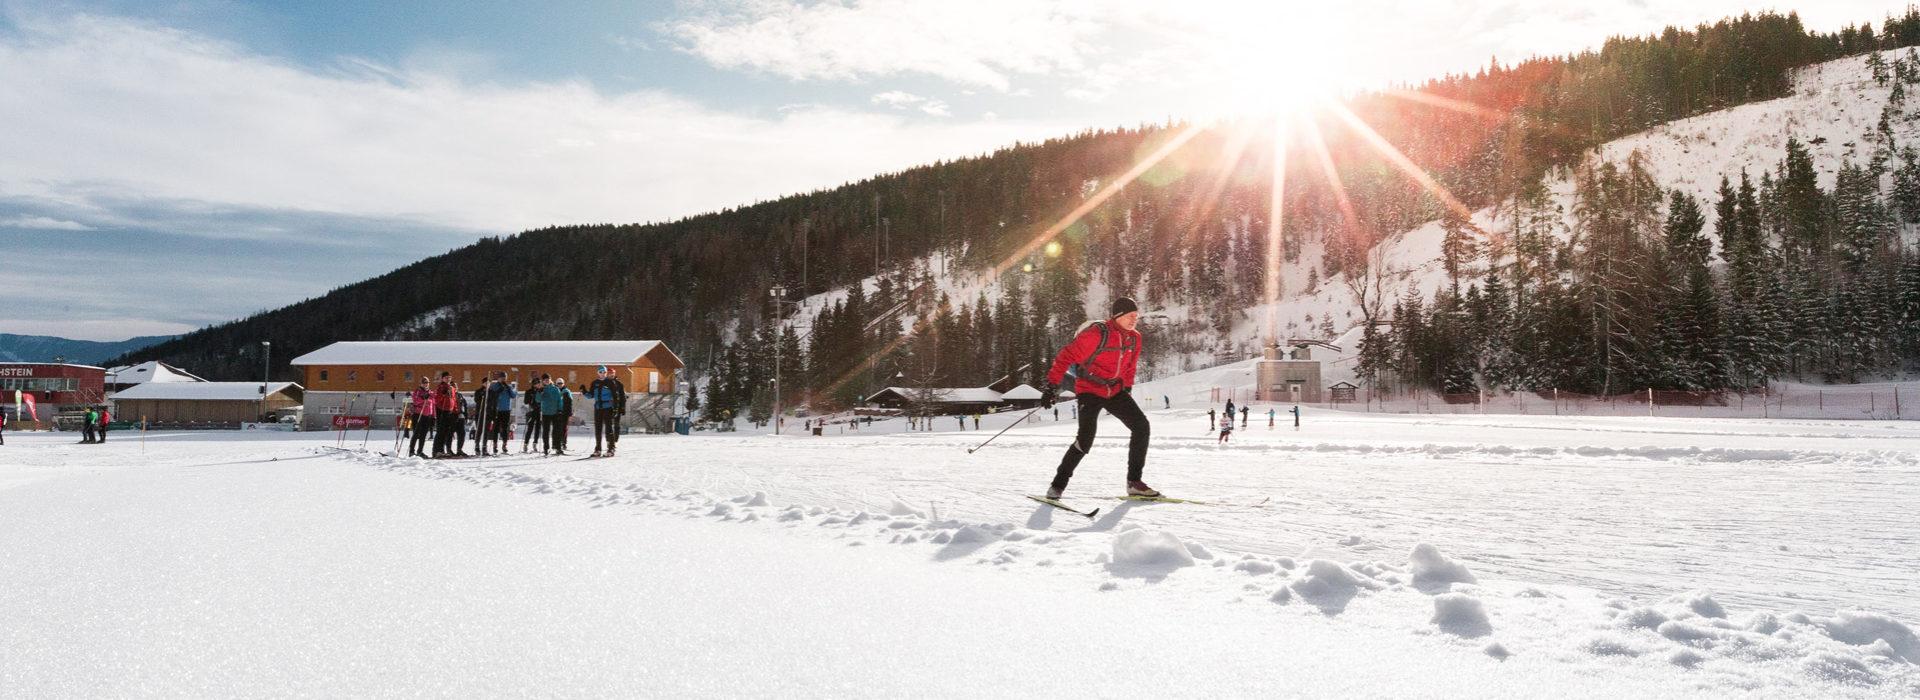 Langlauf Opening in Ramsau am Dachstein - news, events